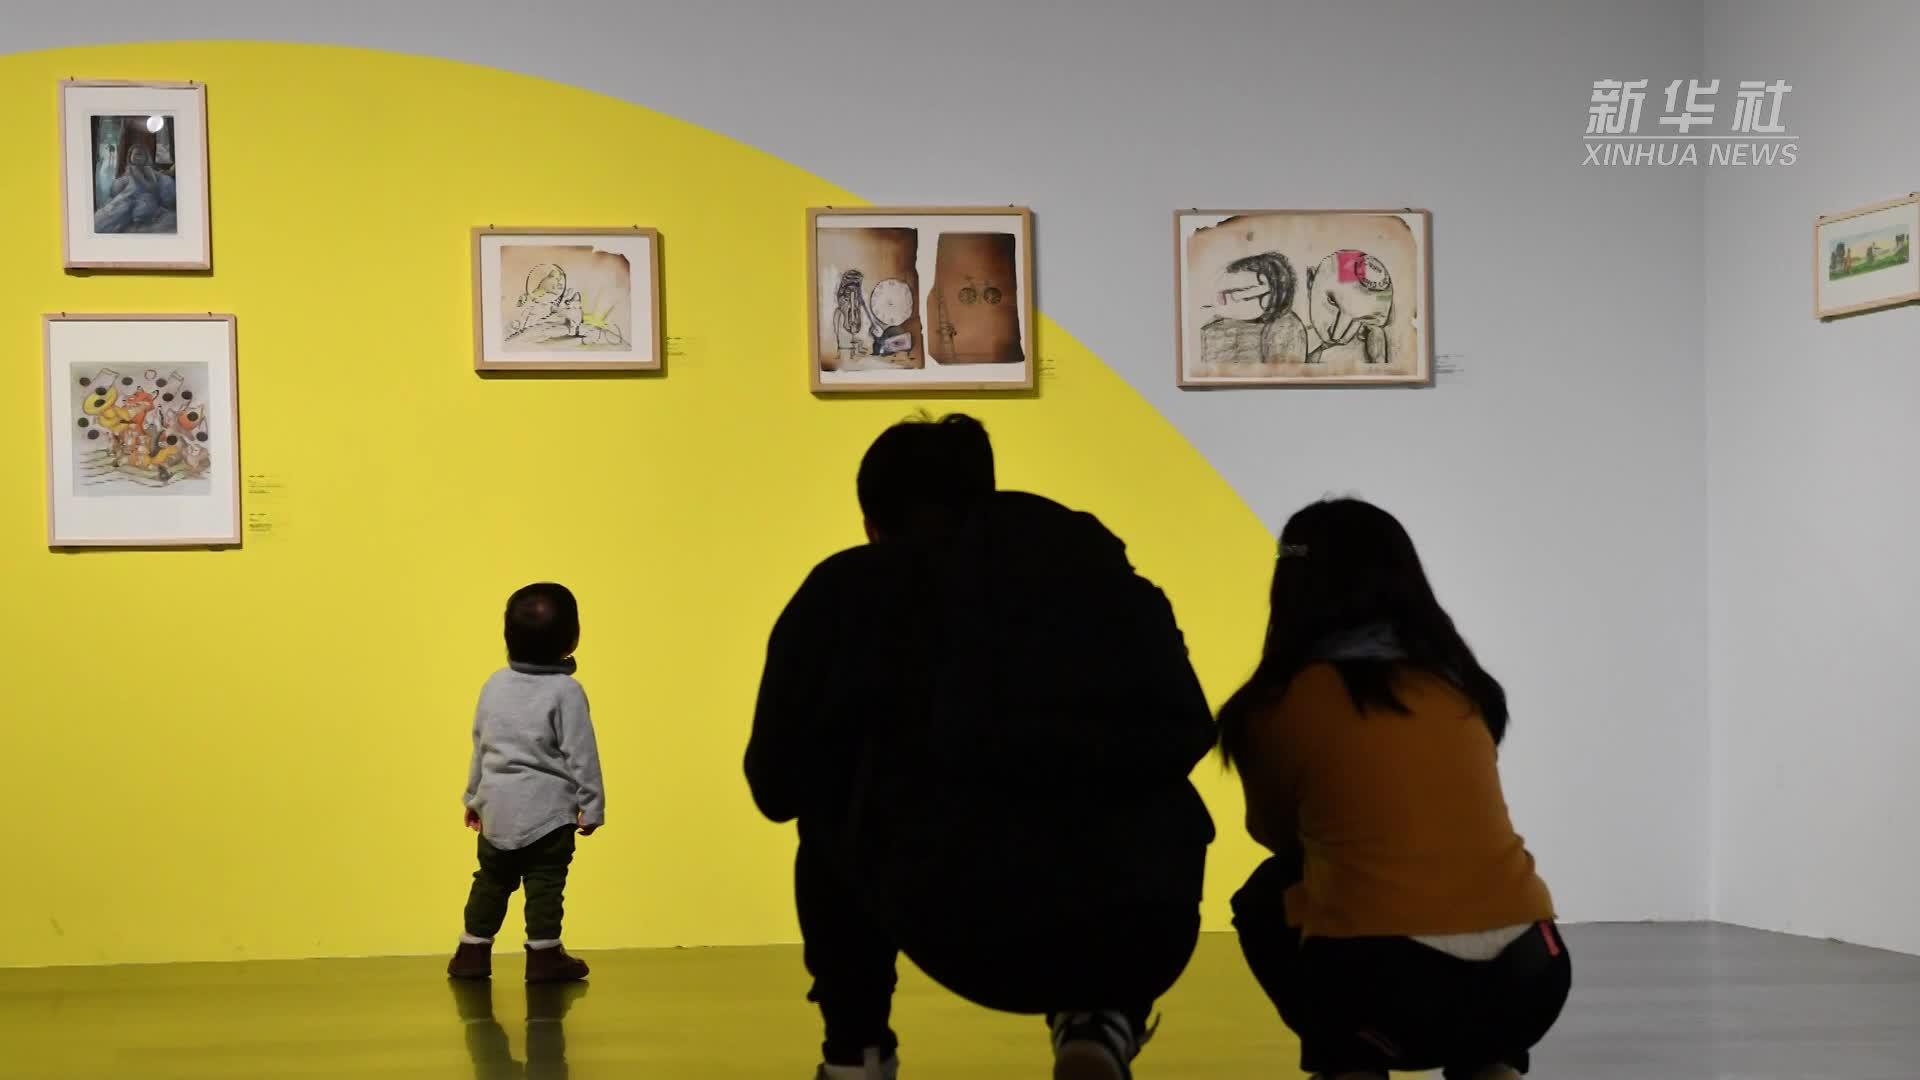 清华大学艺术博物馆入选国家一级博物馆